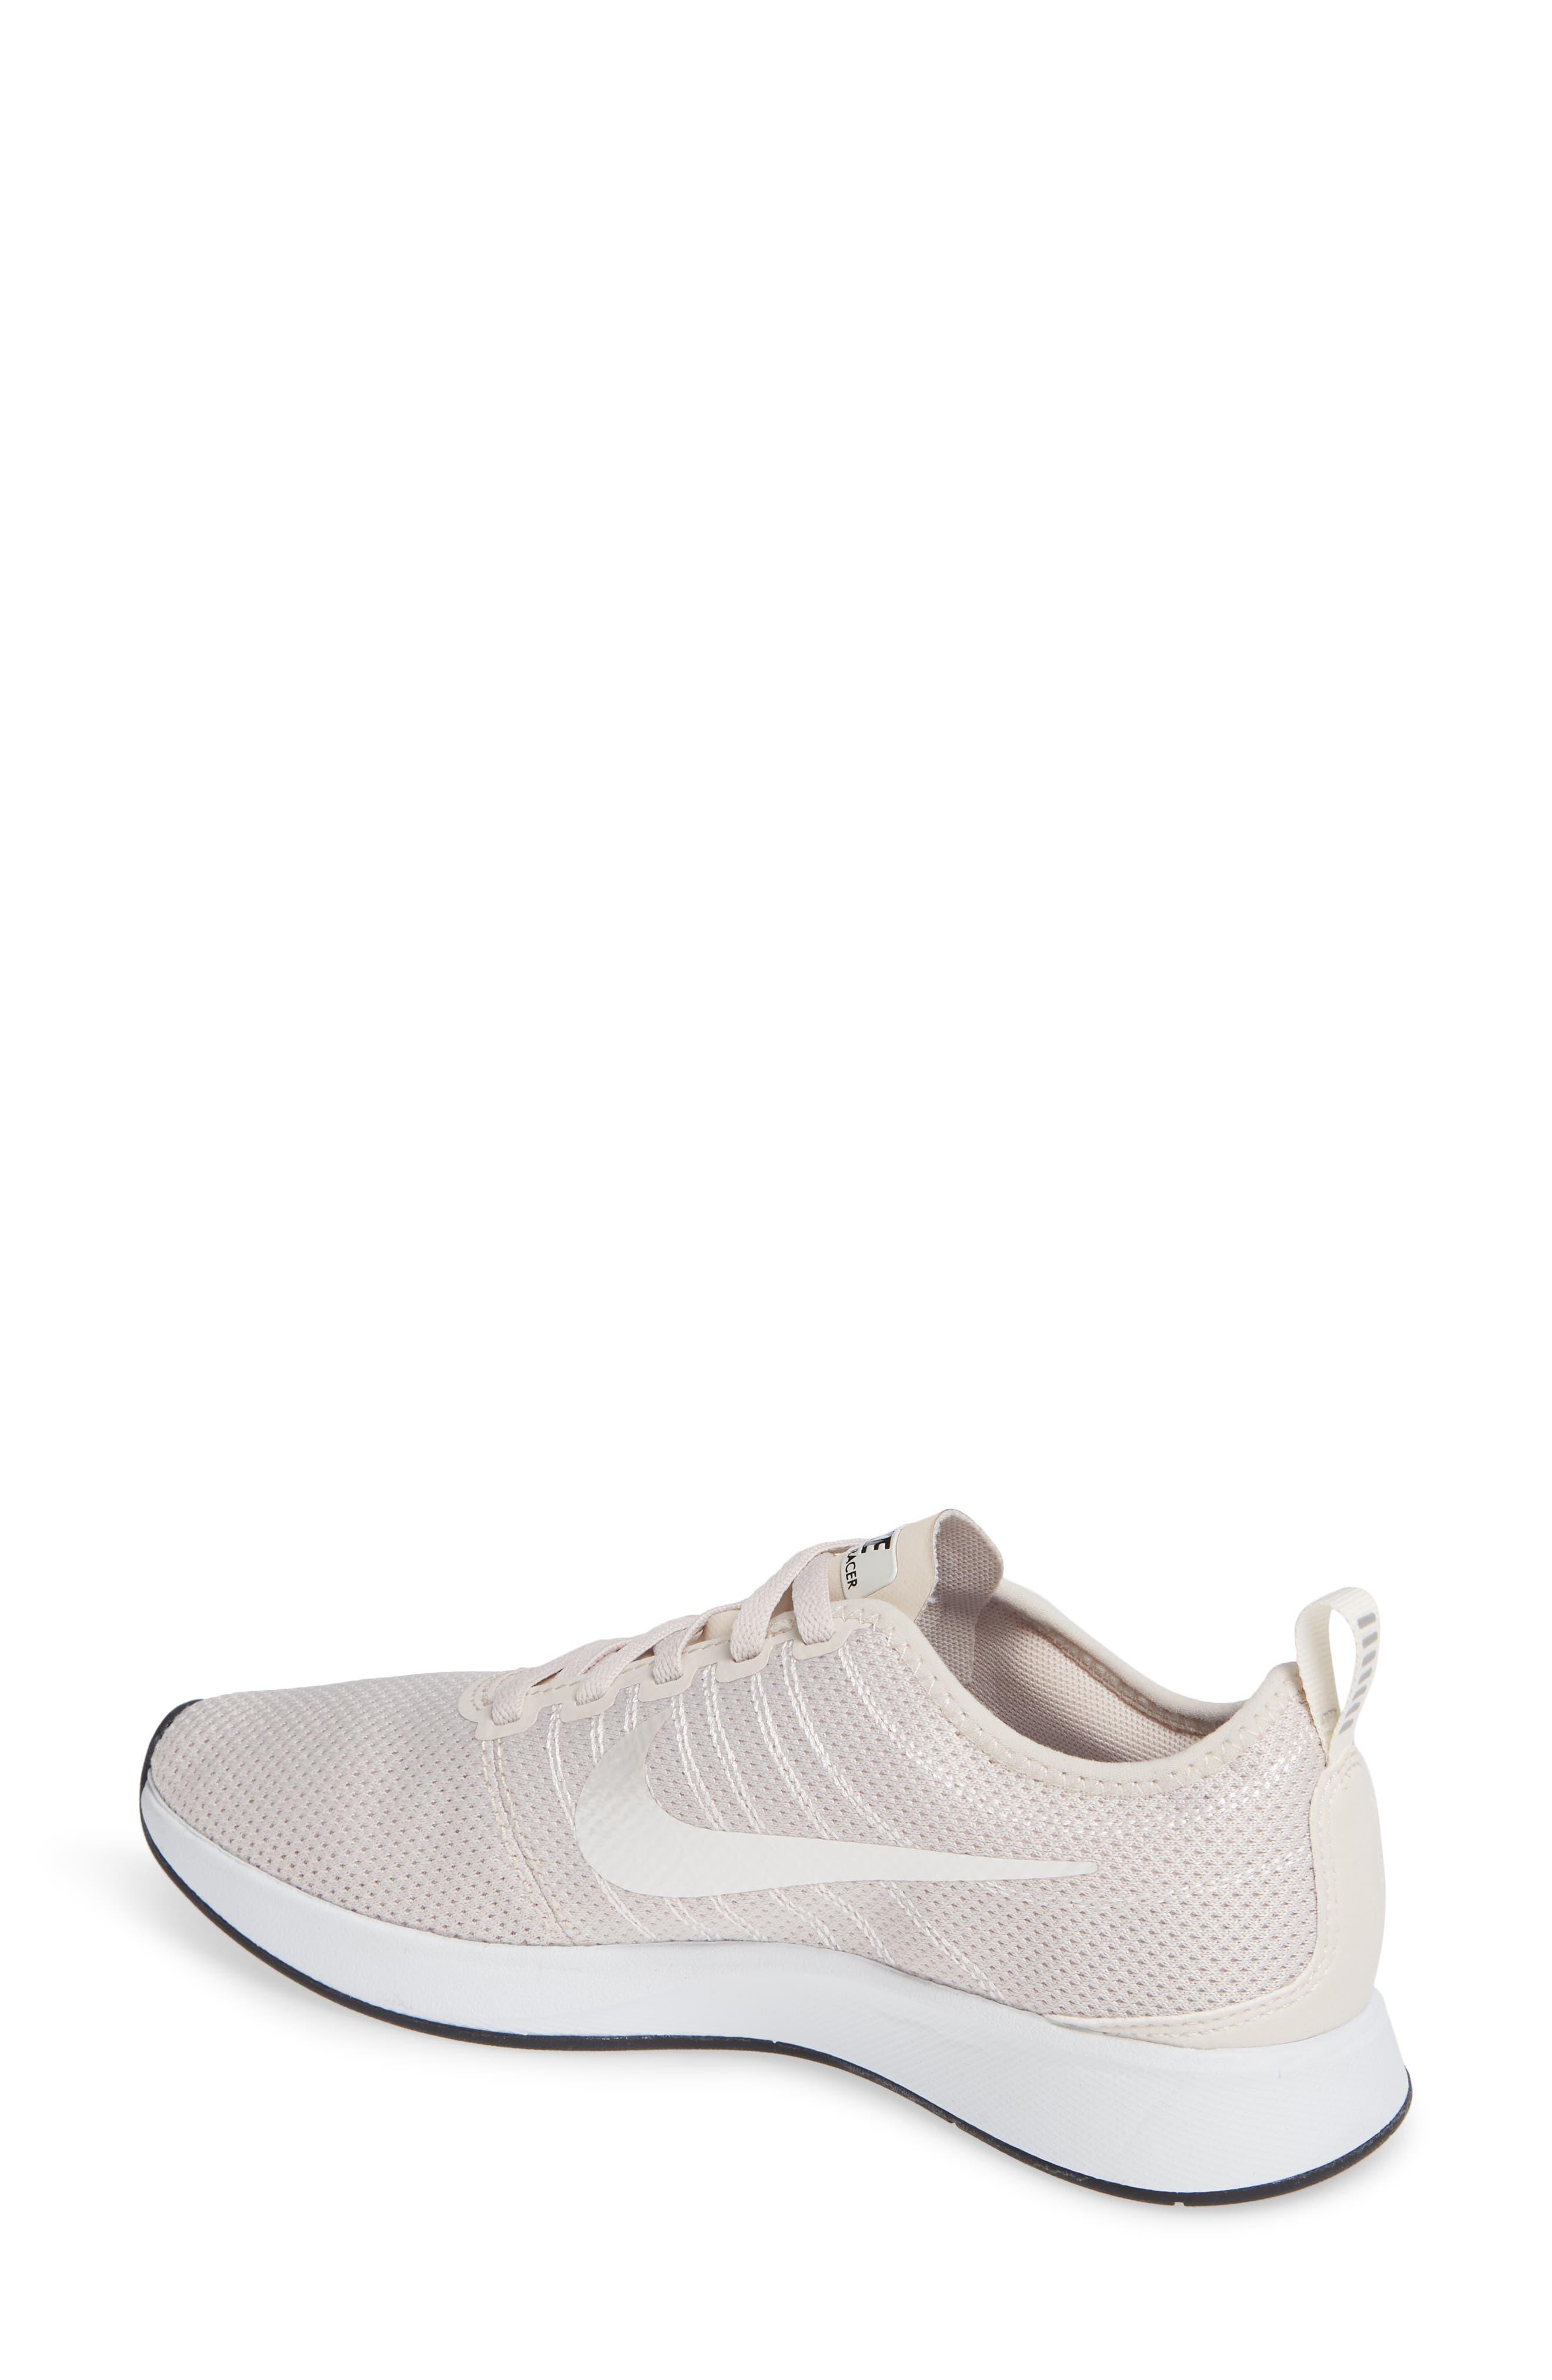 Dualtone Racer Running Shoe,                             Alternate thumbnail 2, color,                             Sand/ Phantom/ White/ Black